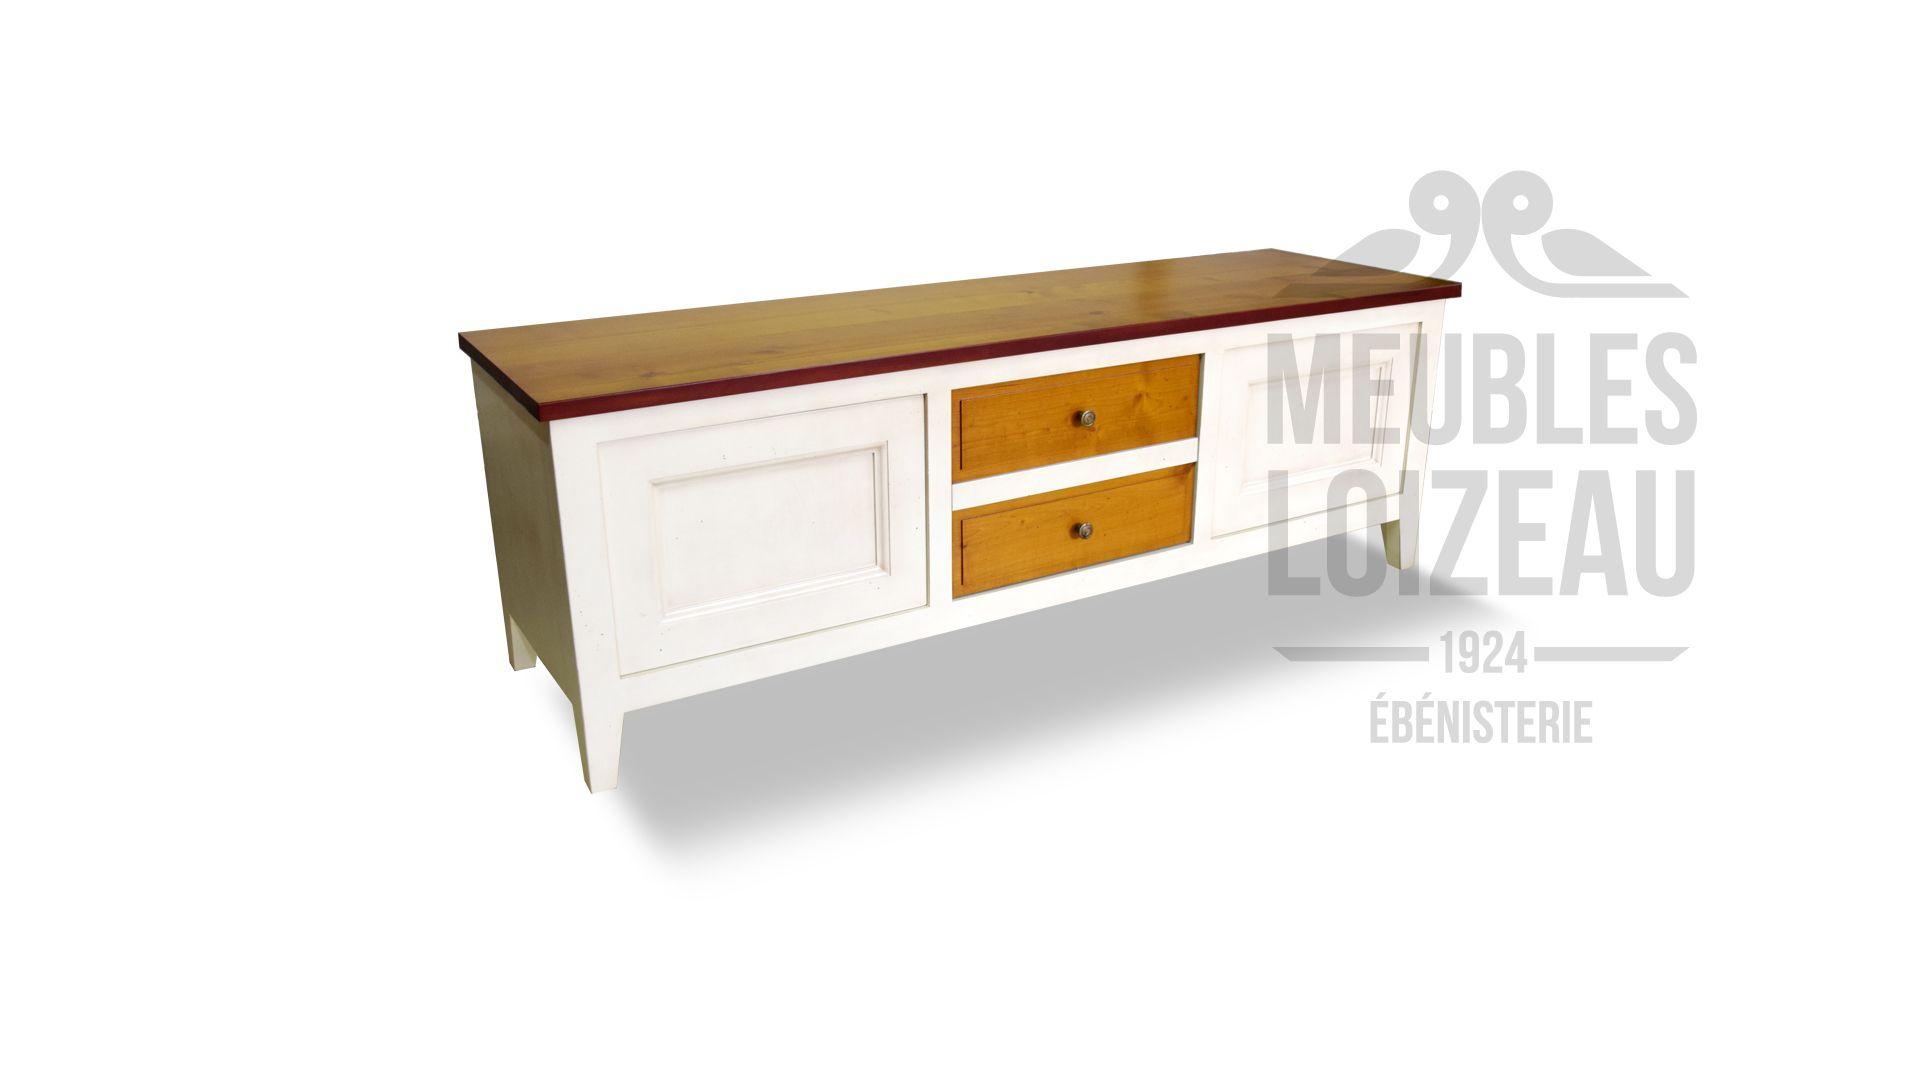 Faire Meuble Sur Mesure meubles loizeau, au service du bien meubler depuis 1924